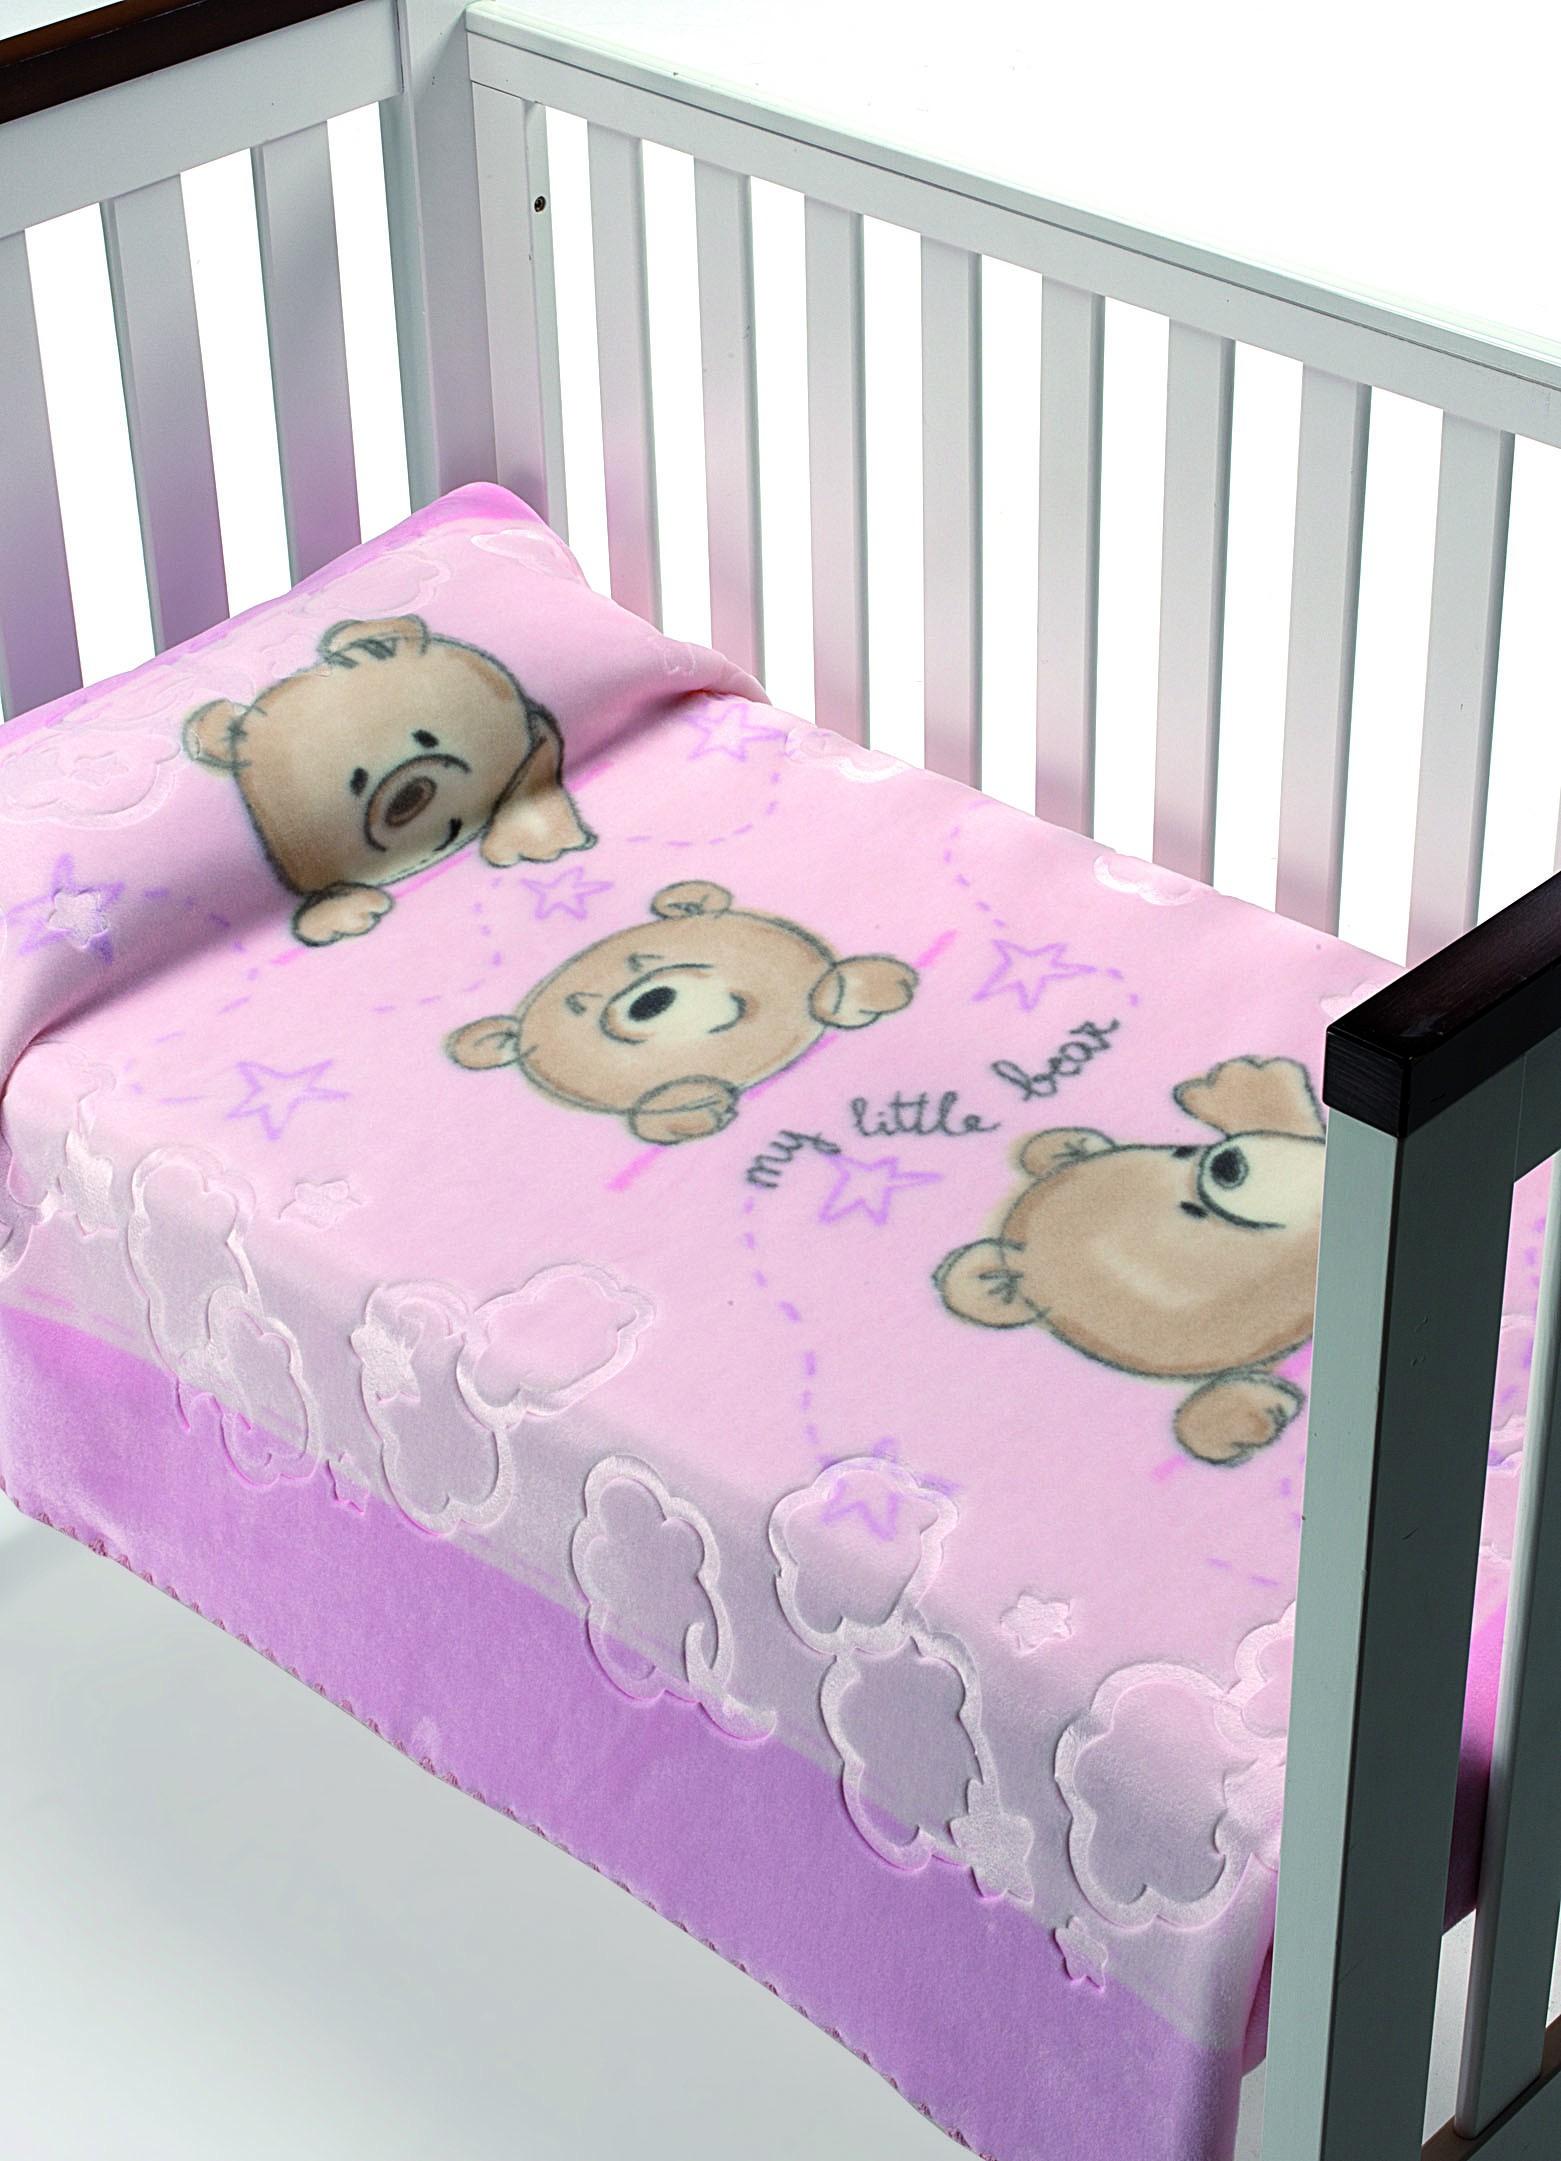 Κουβέρτα Βελουτέ Αγκαλιάς Morven Luxury Plus 827 Ροζ